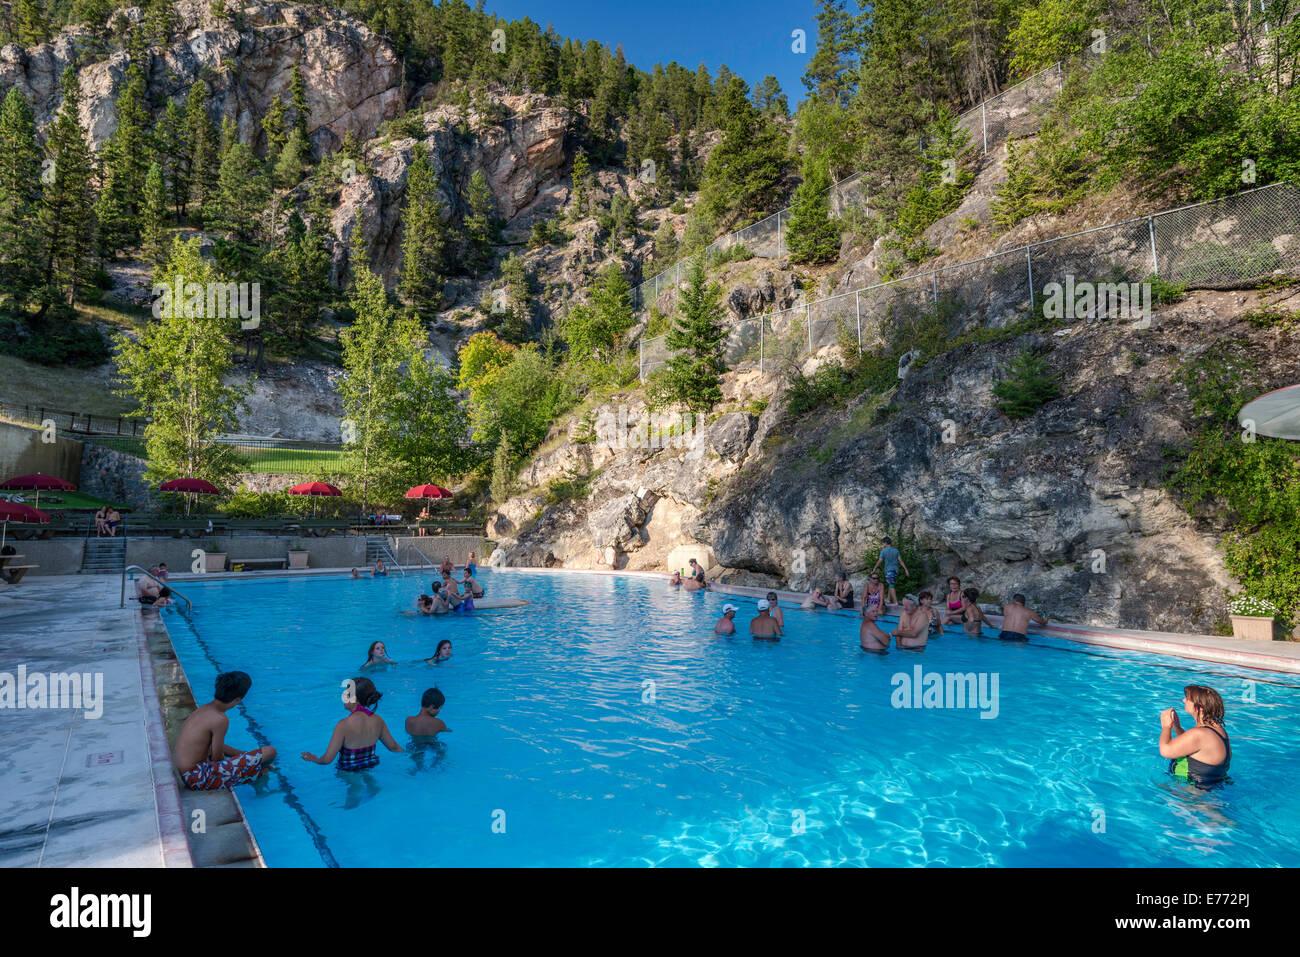 Hot water pool for soaking outdoors at Radium Hot Springs, resort at Kootenay National Park, Canadian Rockies, British - Stock Image